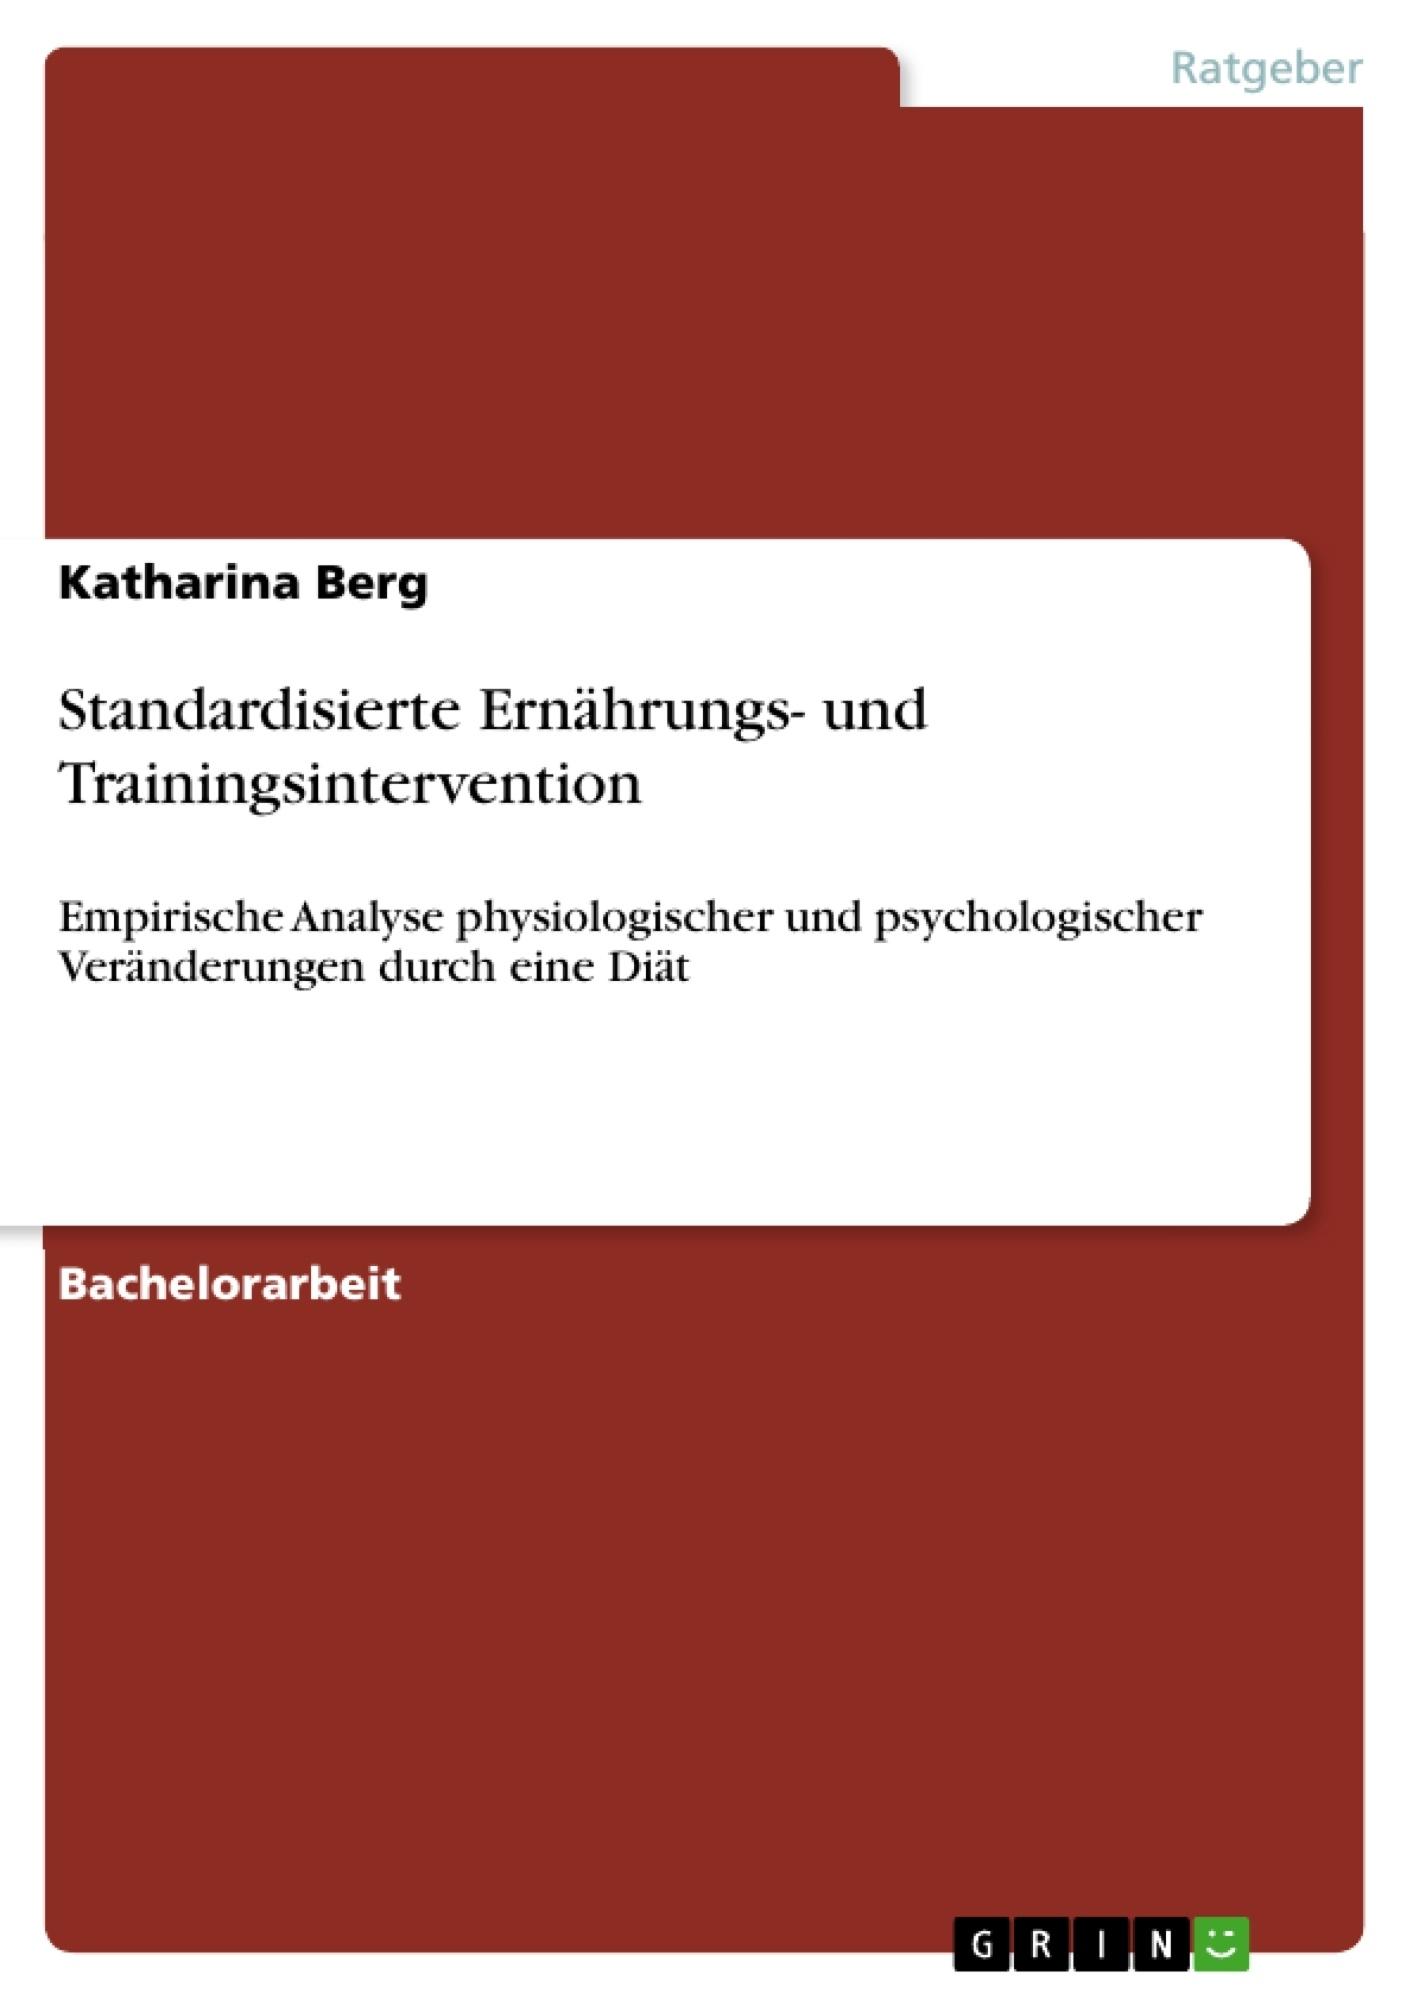 Titel: Standardisierte Ernährungs- und Trainingsintervention